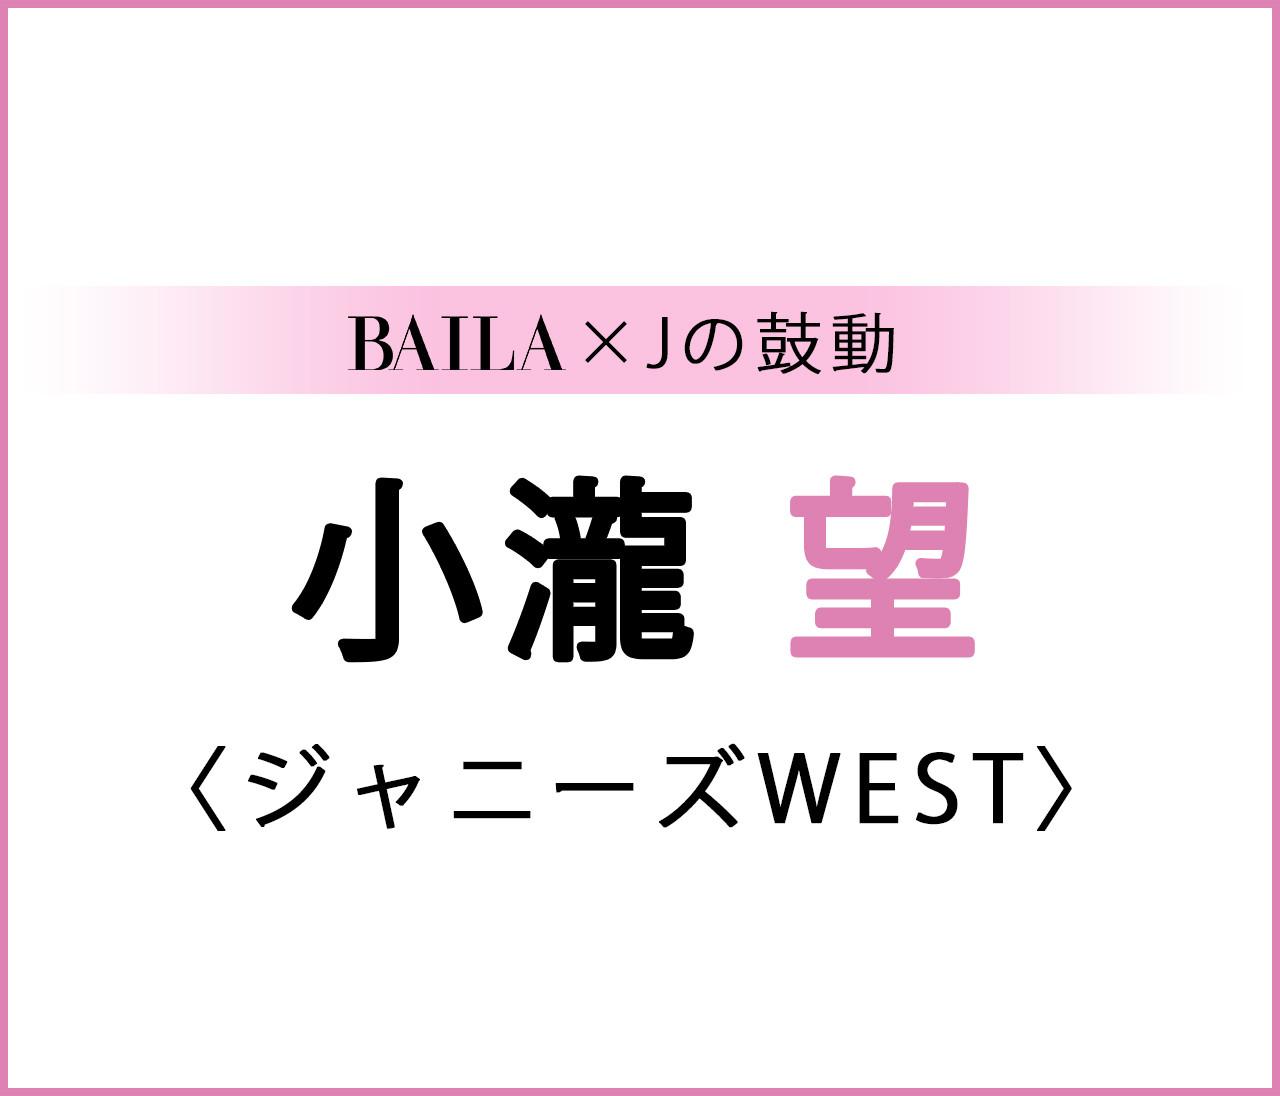 【 #ジャニーズWEST #小瀧望 】小瀧 望スペシャルインタビュー!【BAILA × Jの鼓動】